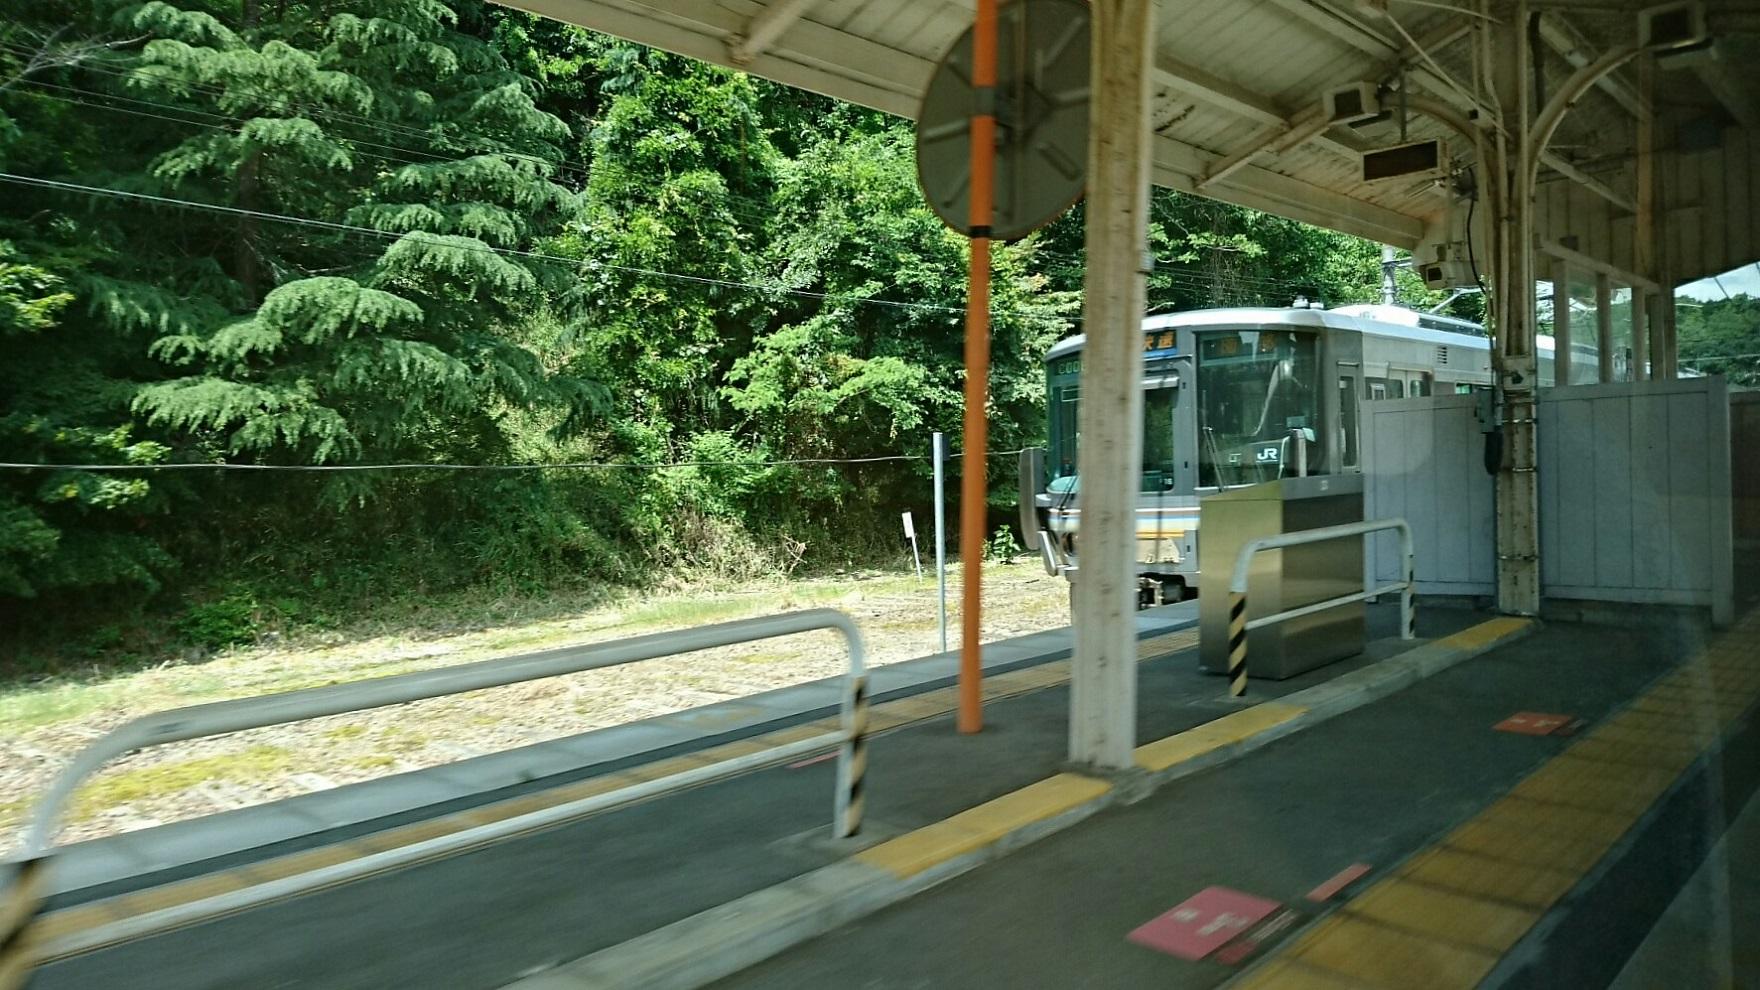 2017.6.3 豊岡 (24) はしだて3号 - 日吉(園部いき快速) 1760-990